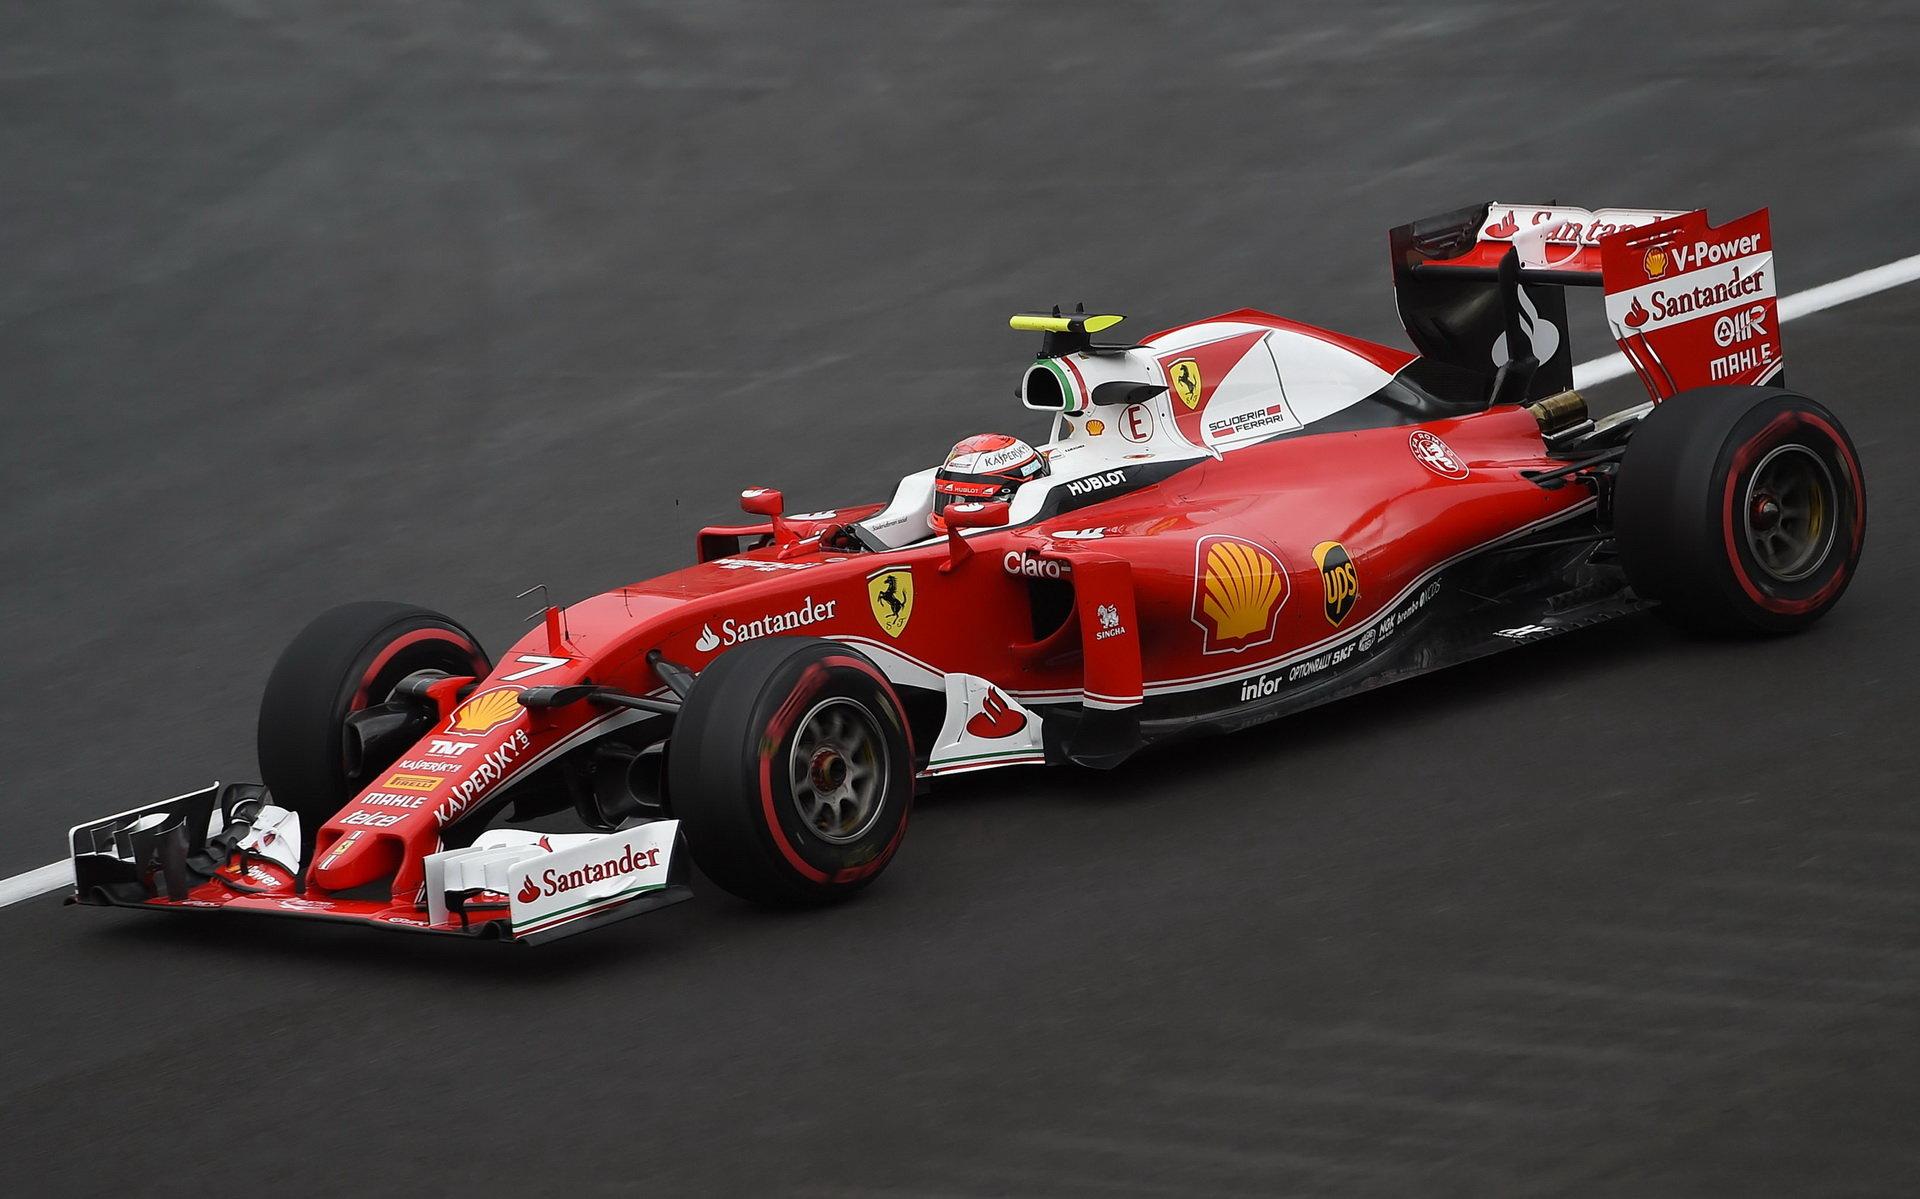 Prost: Dvojka Ferrari Räikkönen není tou nejrychlejší volbou, zaručuje však klid - anotační obrázek